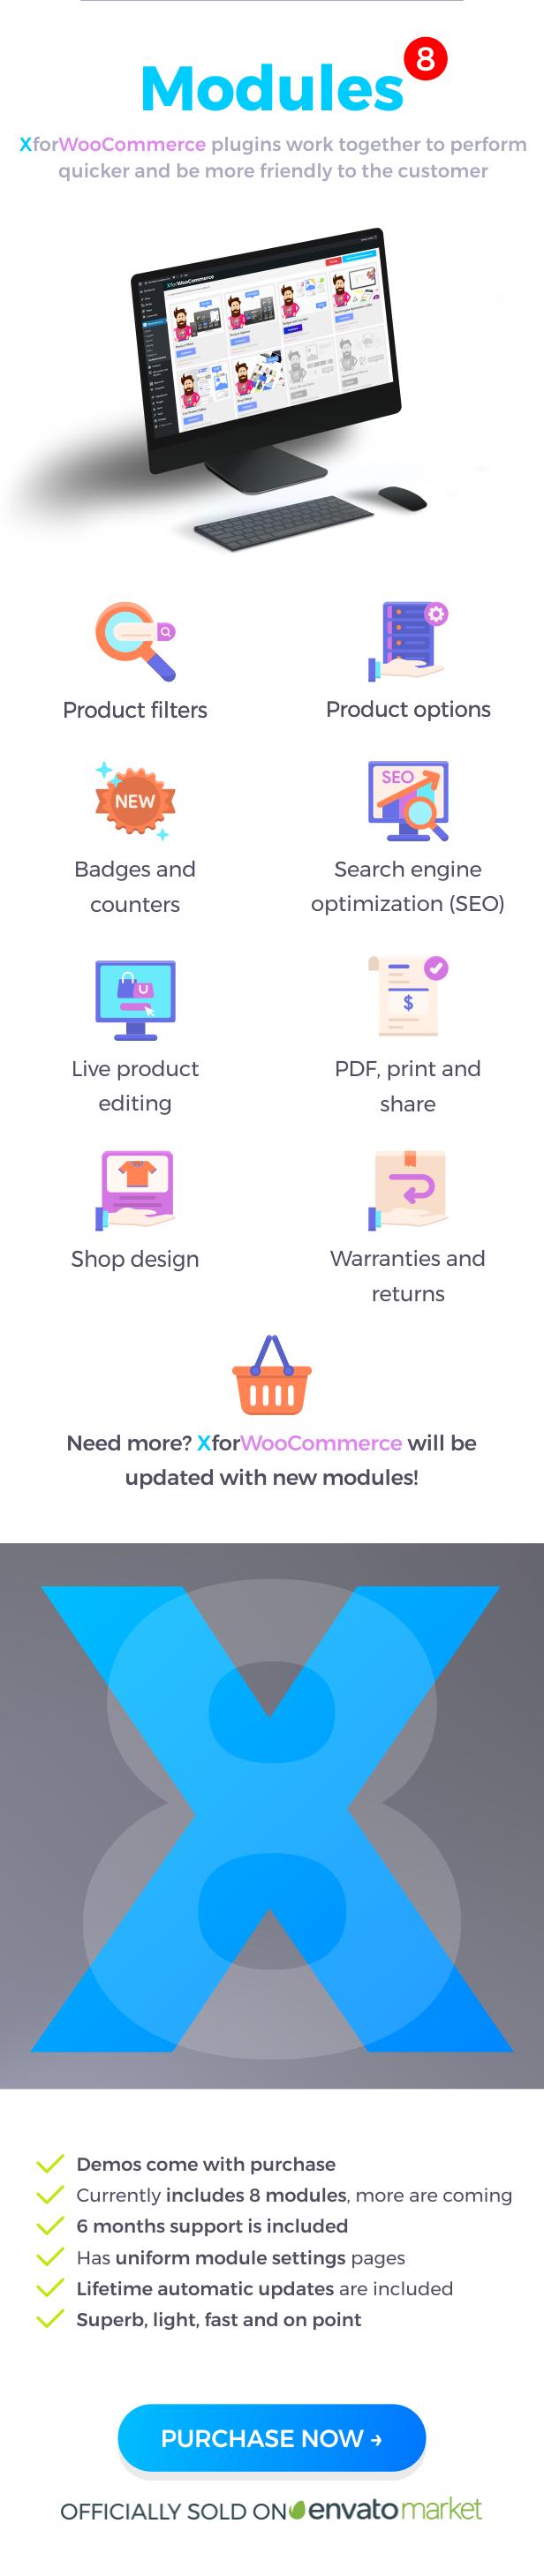 XforWooCommerce - 5